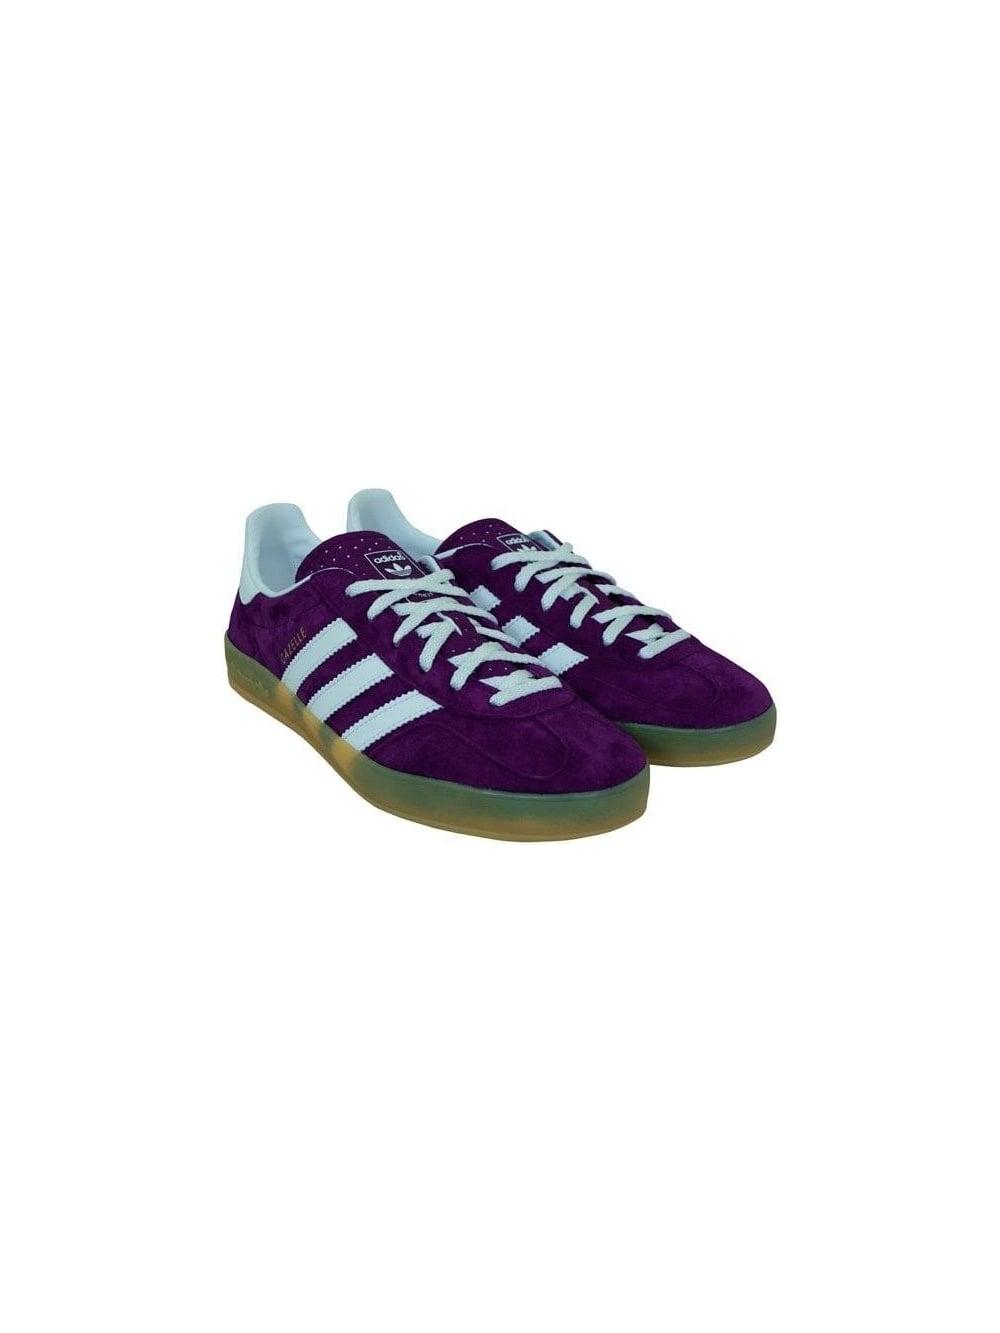 Hacer un muñeco de nieve tener Interesante  Adidas Originals Gazelle Indoor Trainers in Purple = Shop Adidas Originals  at Northern Threads